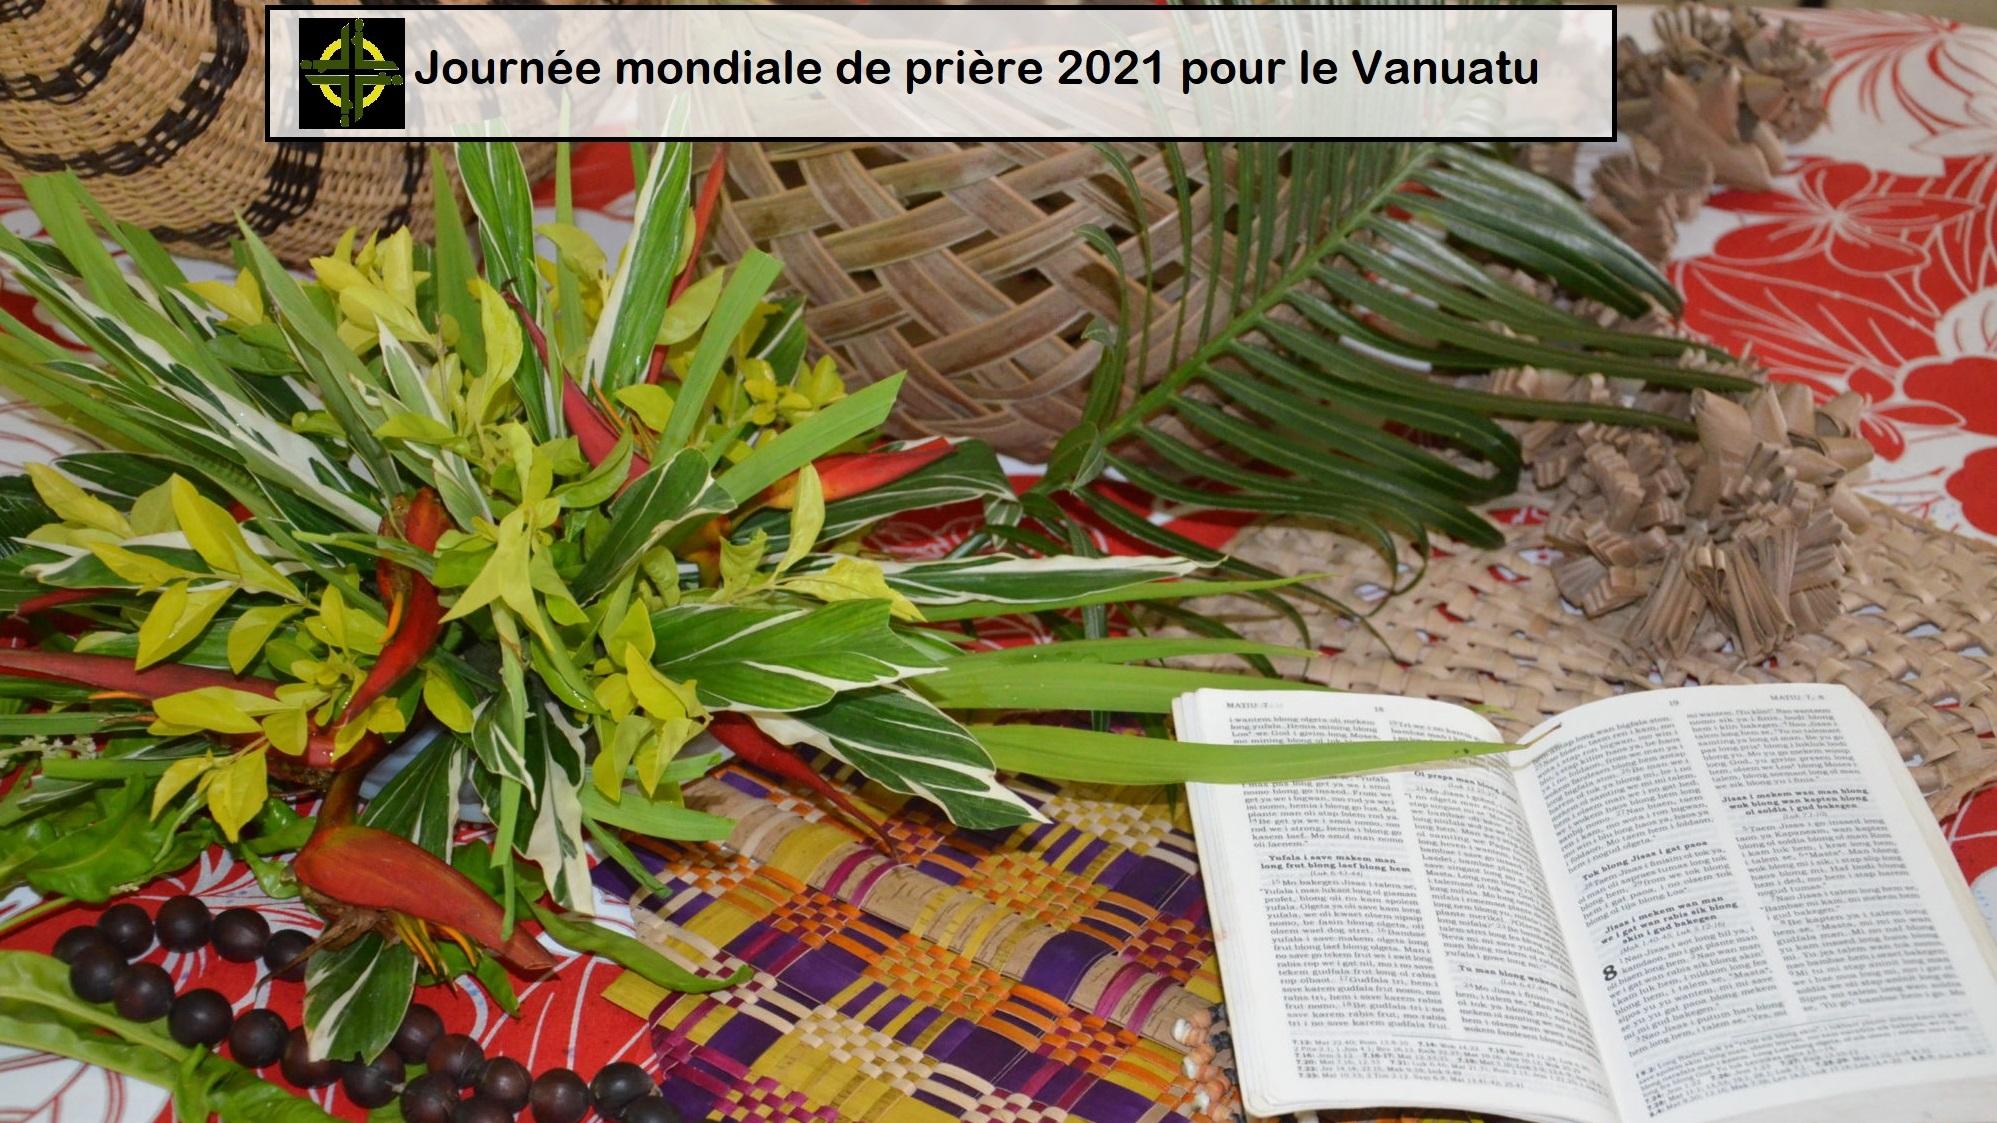 semaine prière Vuanatu.2 2021